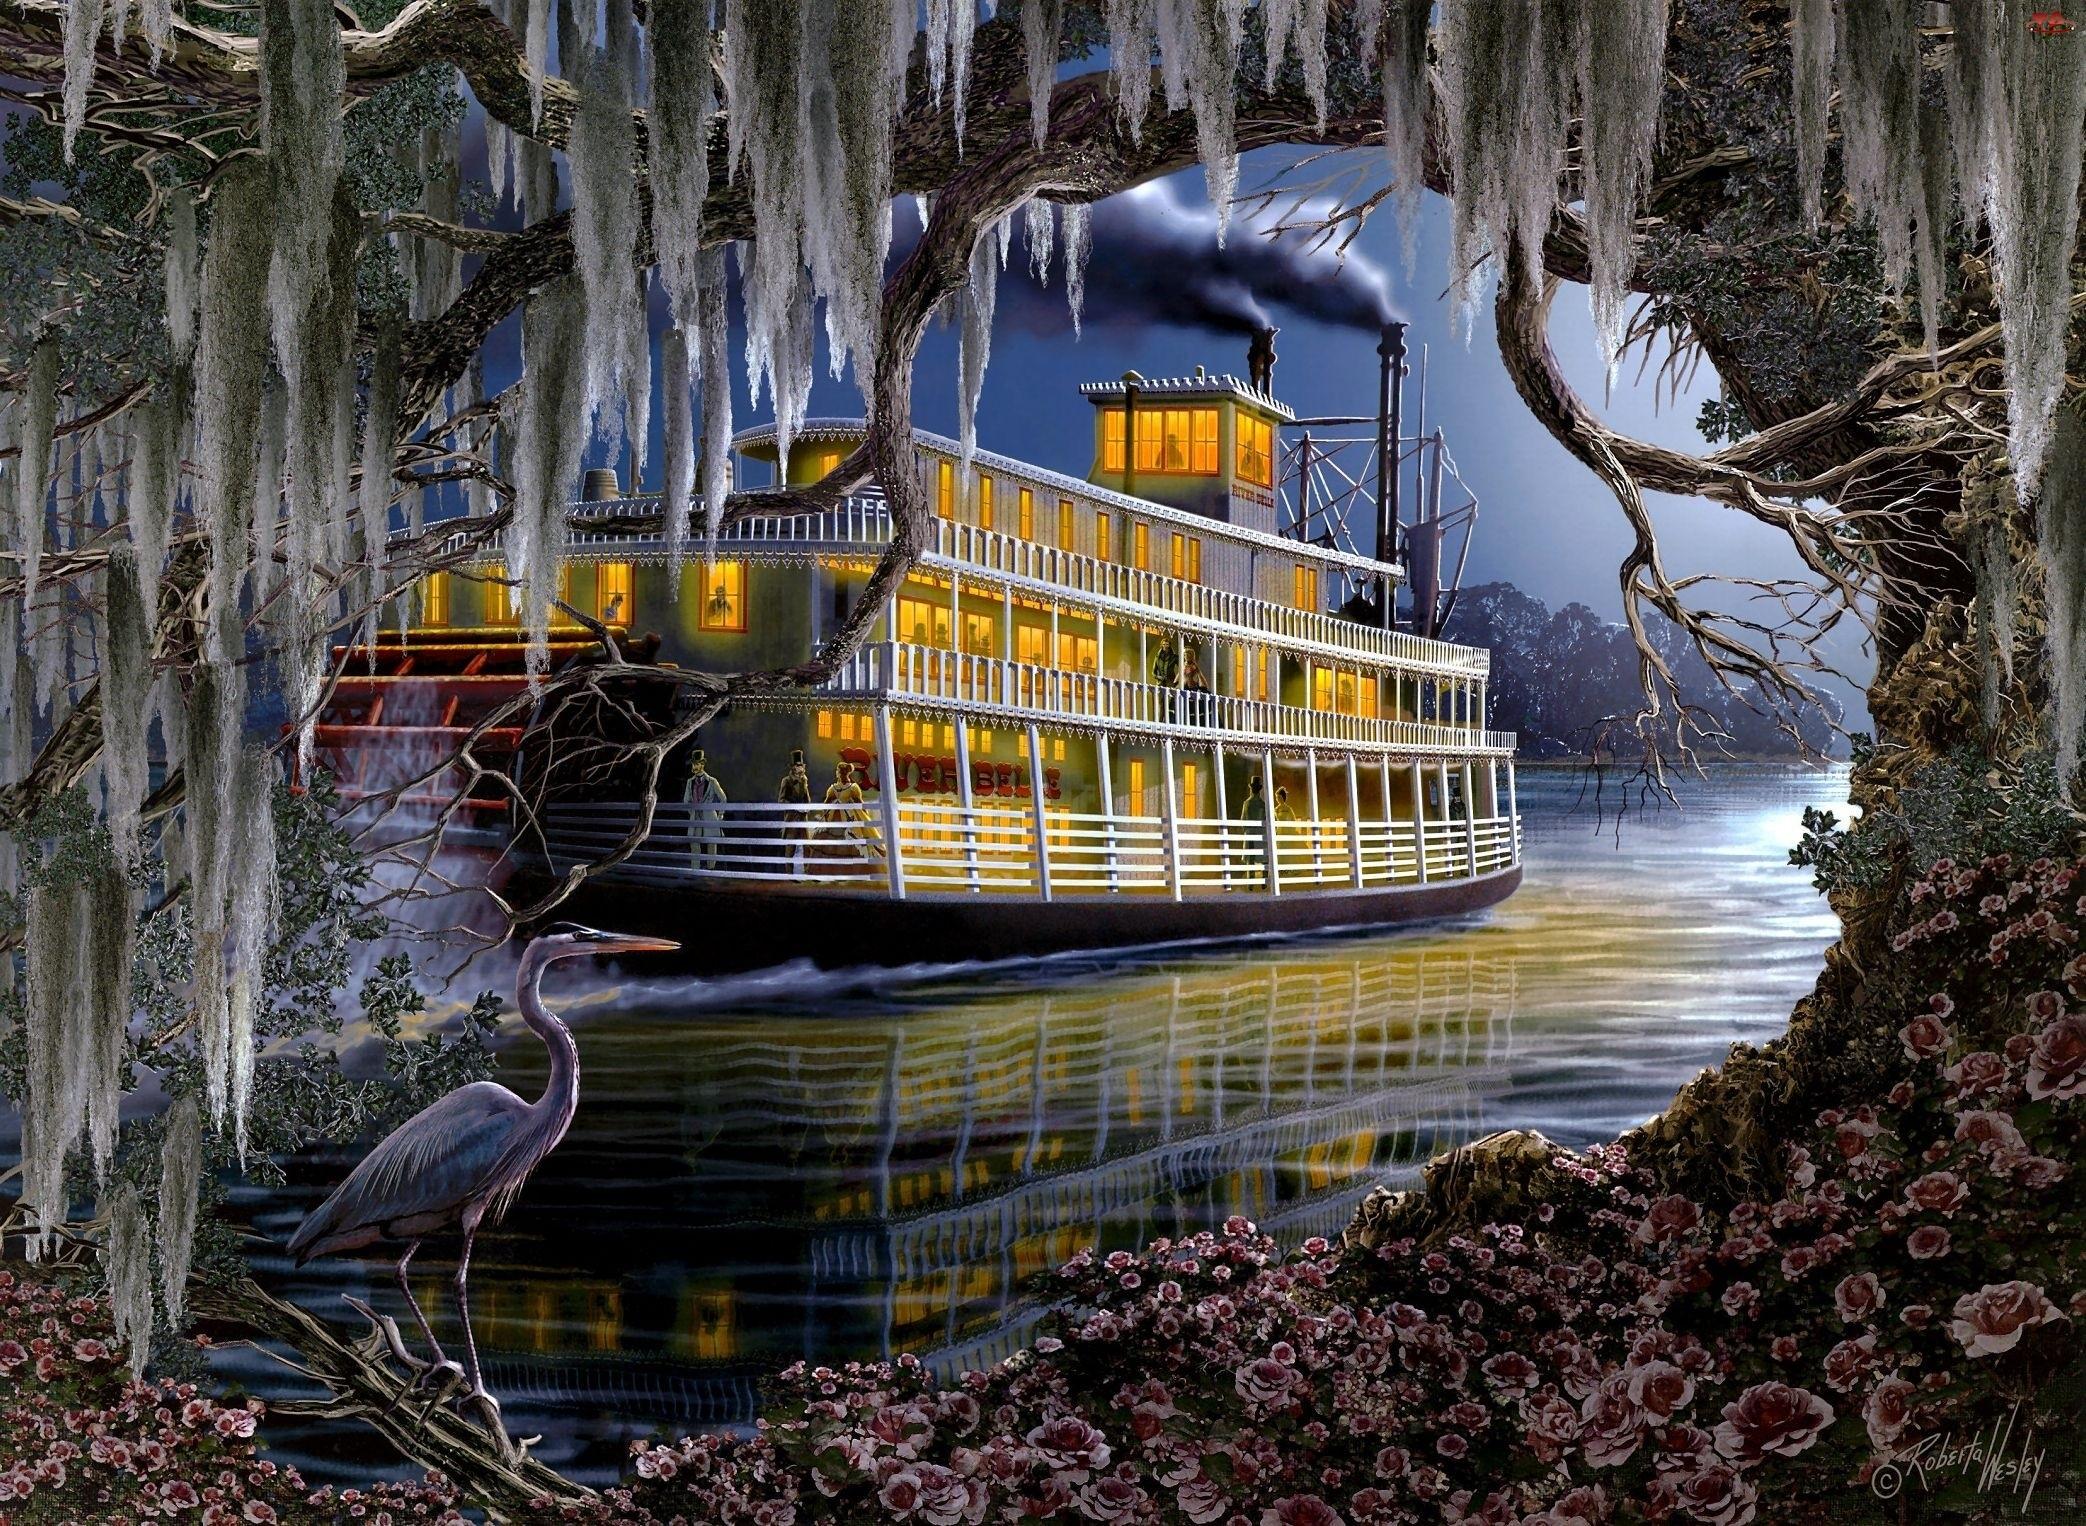 Woda, Obraz, Drzewo, Statek, Ptak